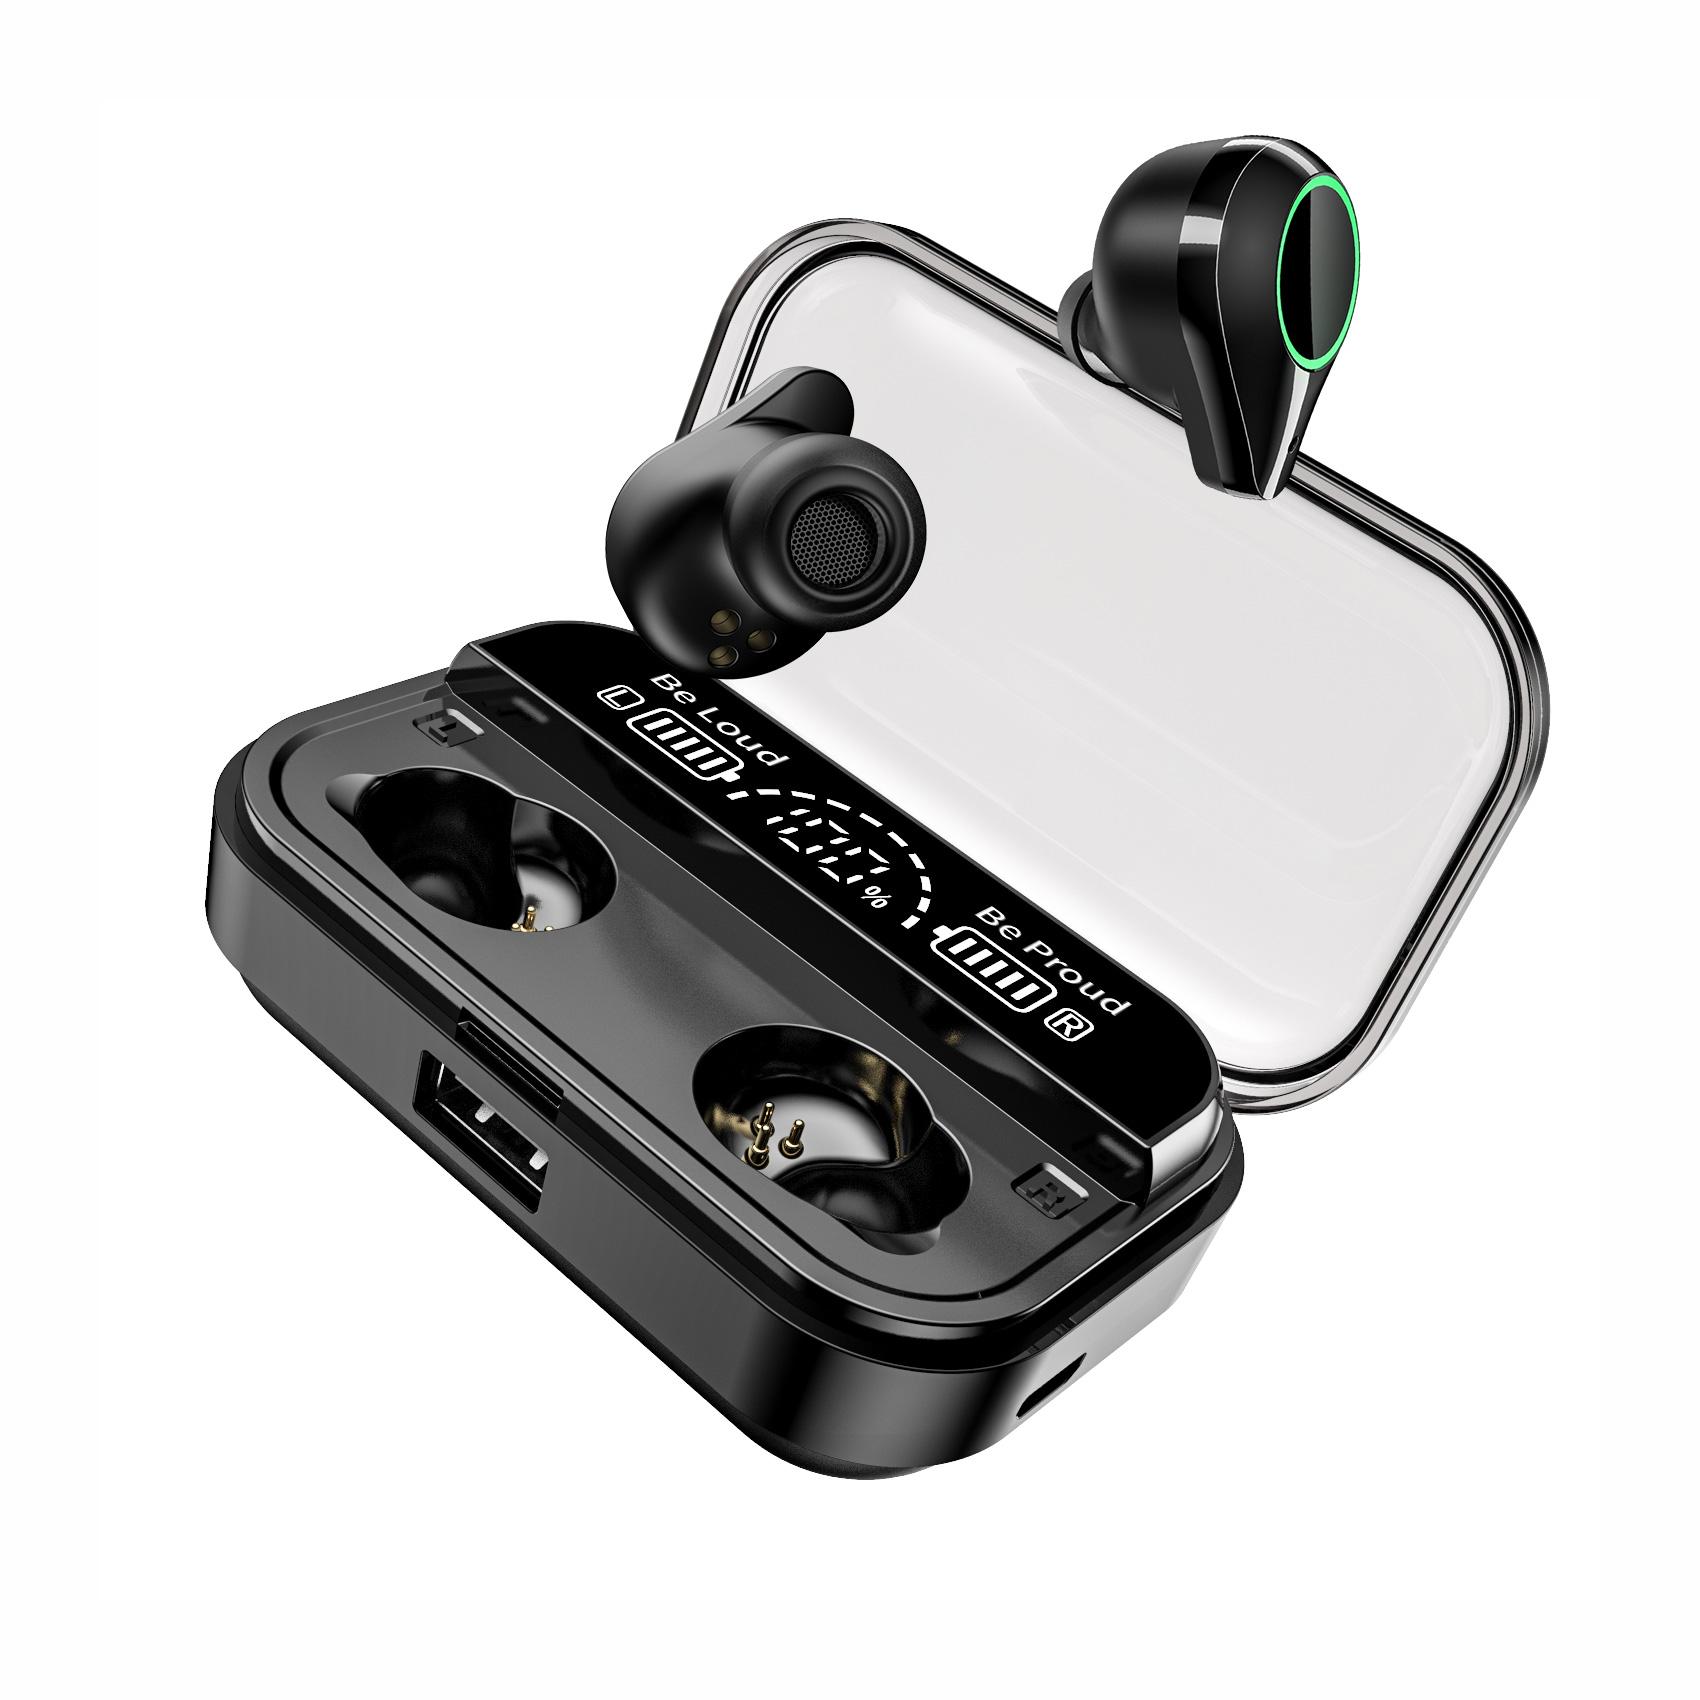 Słuchawki bezprzewodowe TWS + Powerbank 4000mAh